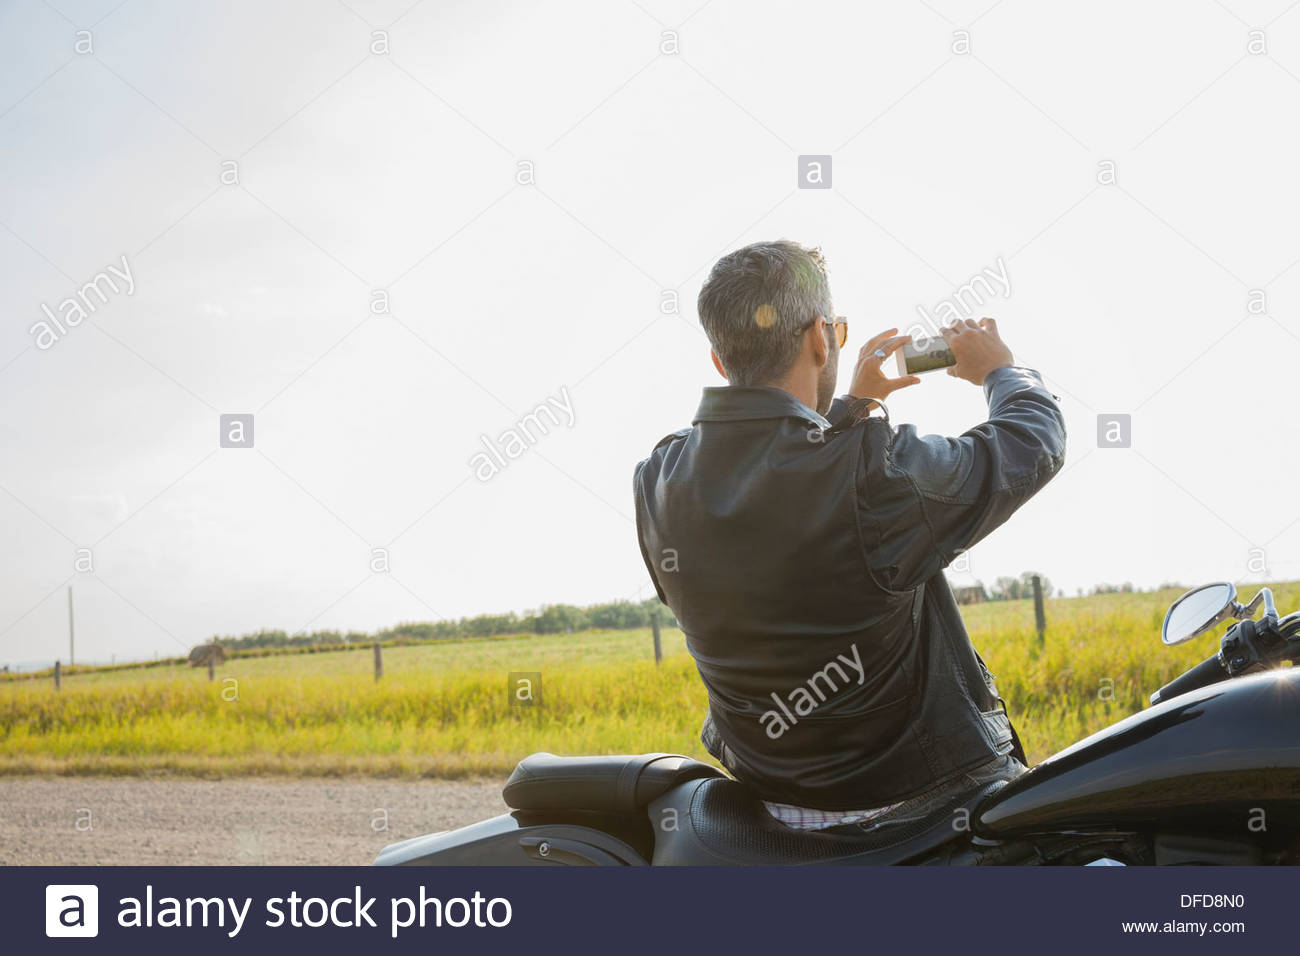 Vista posteriore del biker campo fotografare durante il viaggio su strada Immagini Stock